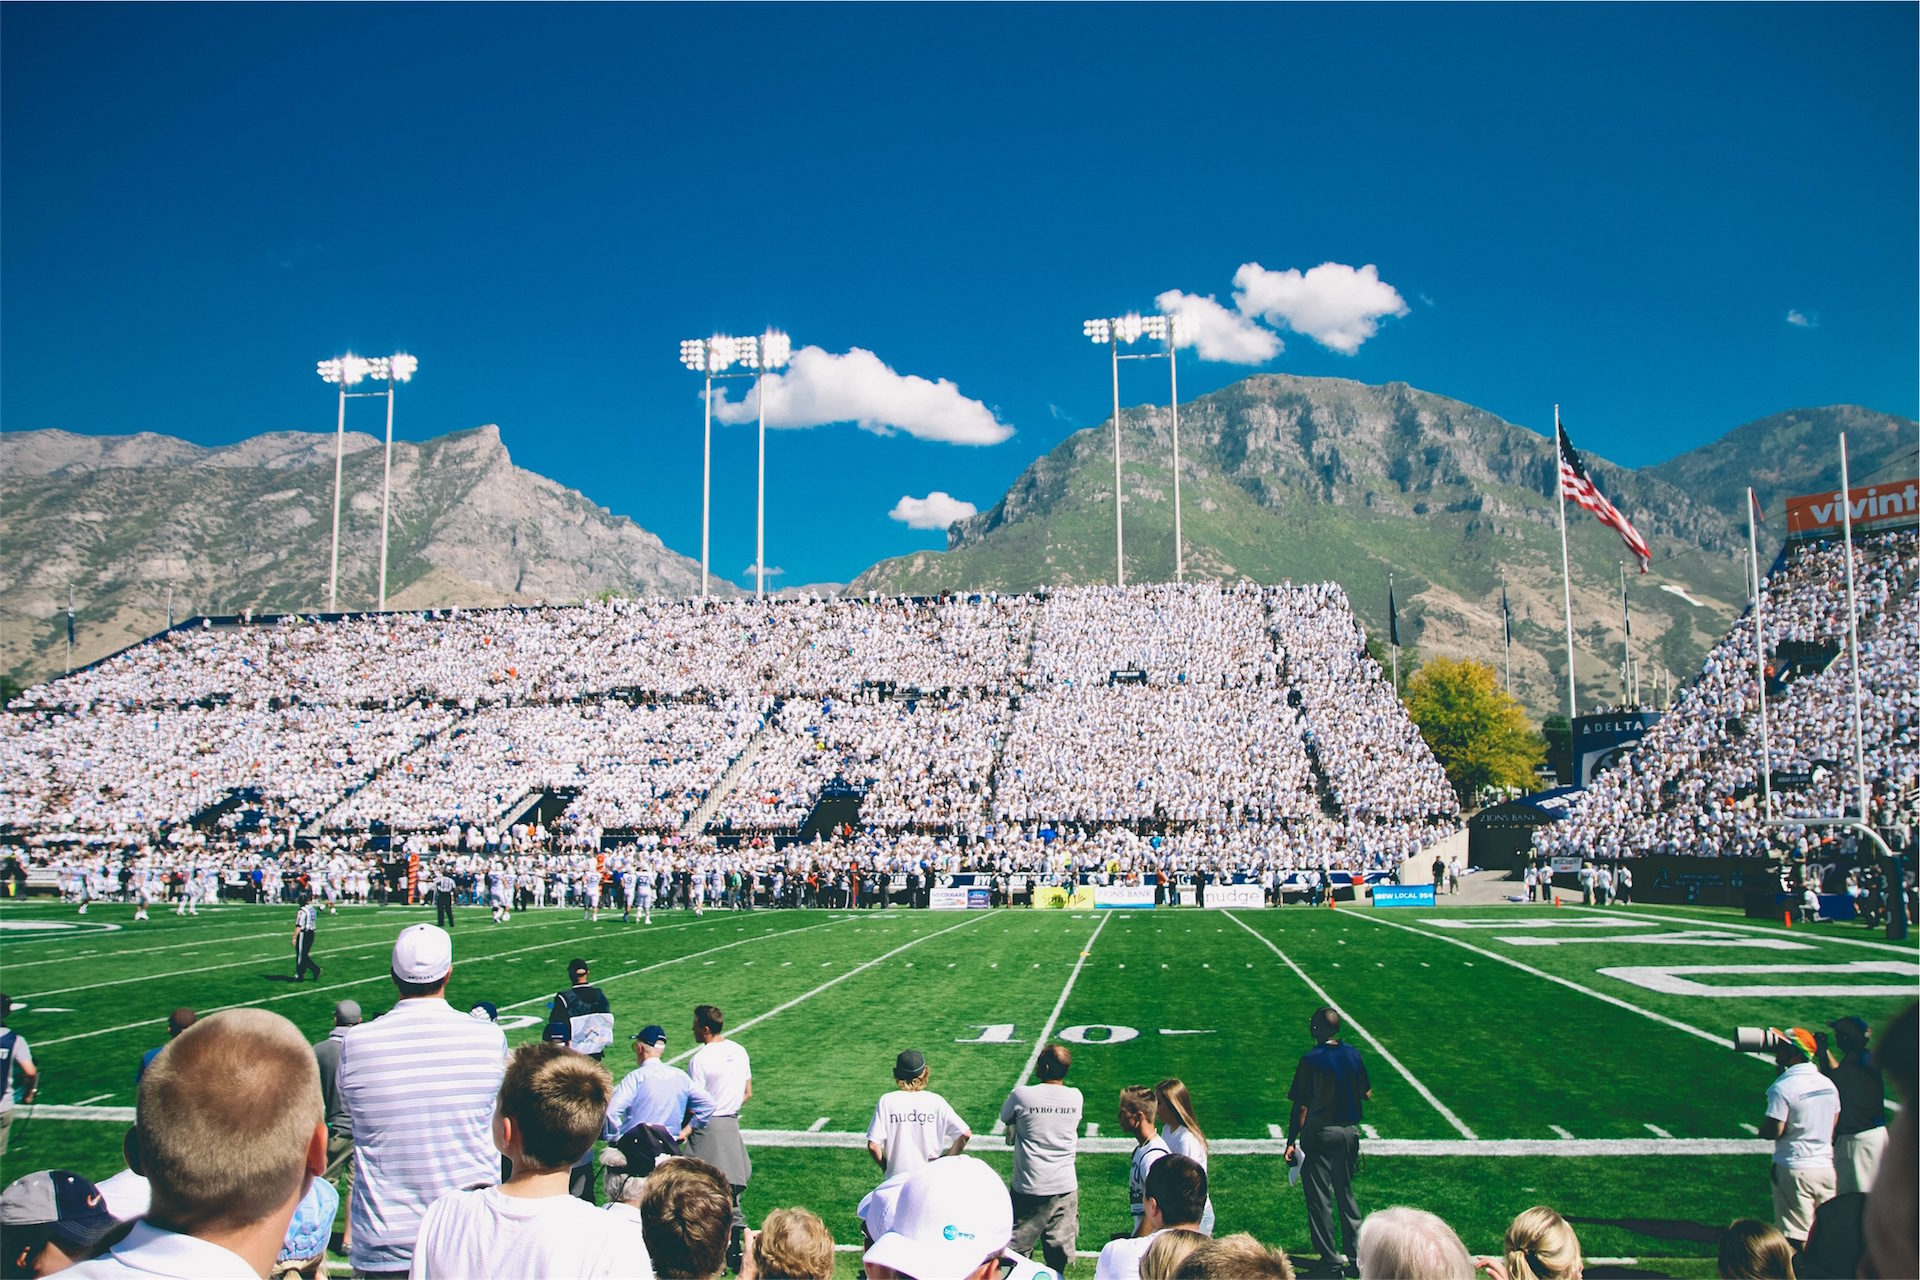 campo, estadio, rugby, afición, competición - Fondos de Pantalla HD - professor-falken.com